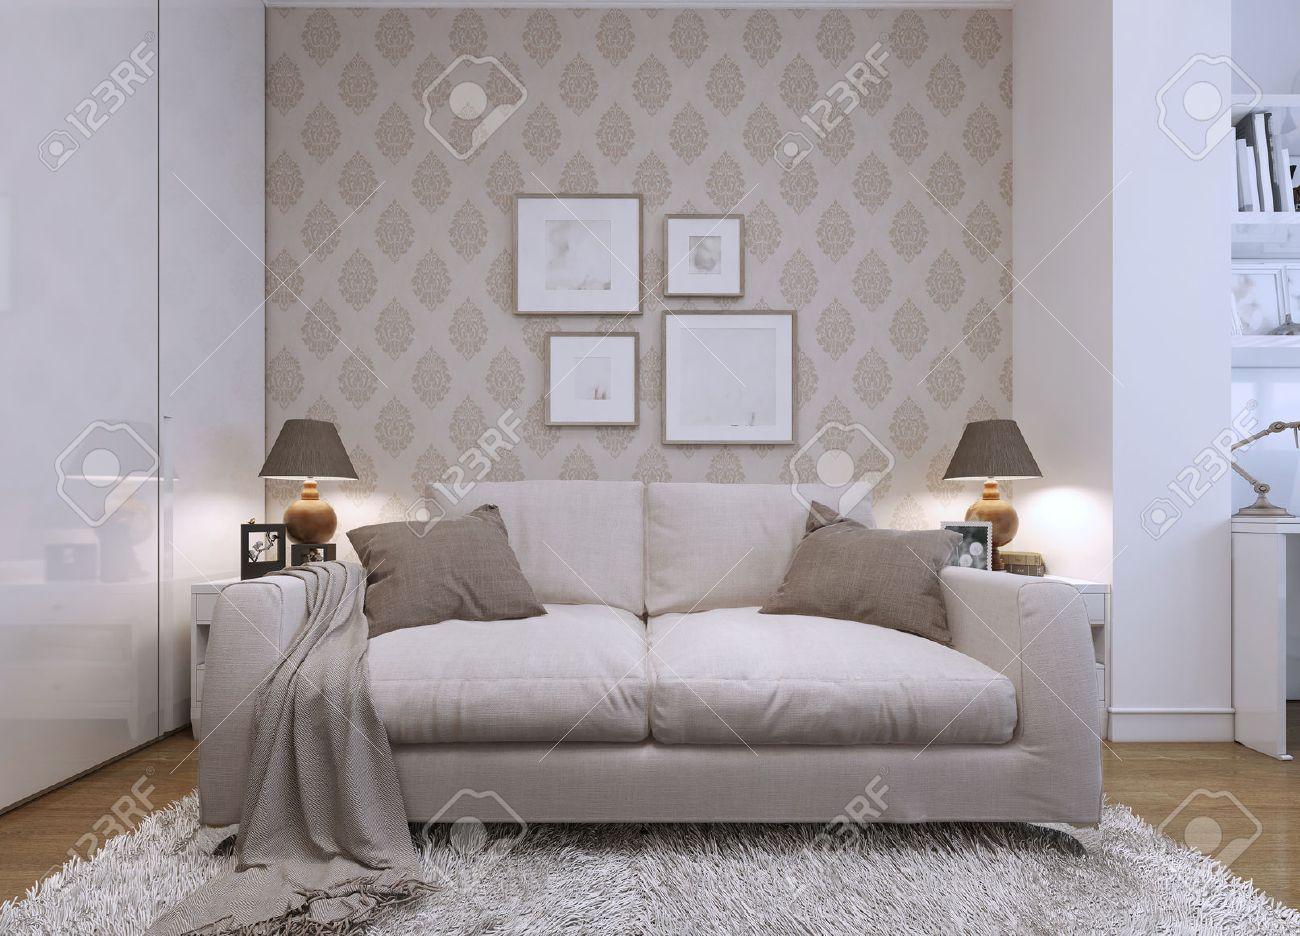 Wohnzimmer Tapete Braun Beige